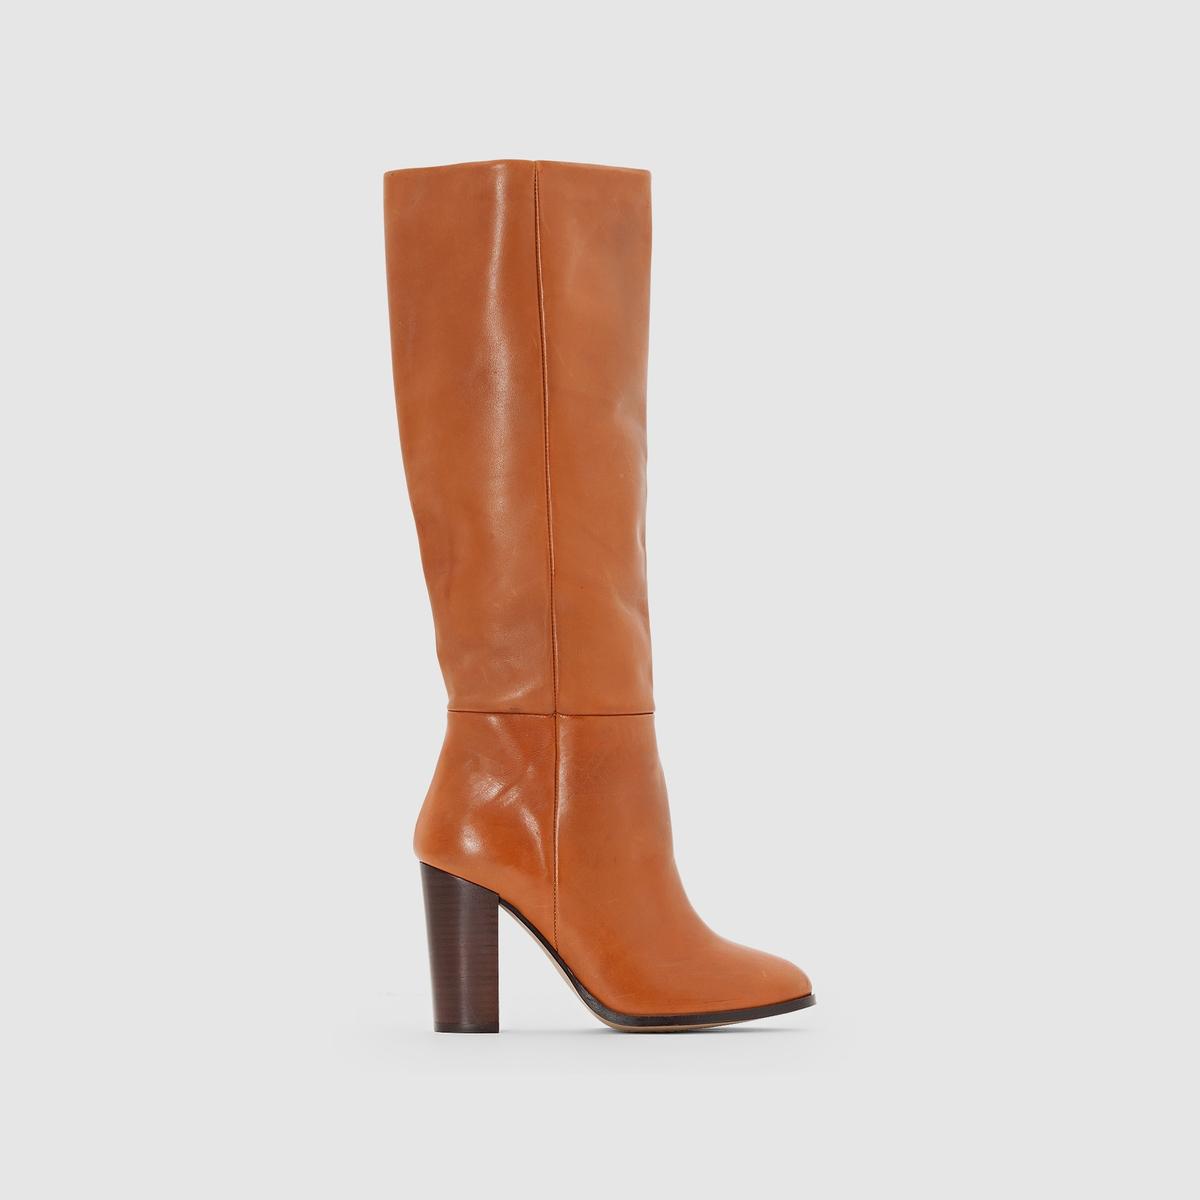 Сапоги кожаныеСапоги кожаные R STUDIOВерх: Кожа (яловичная)Подкладка: Кожа.Стелька: Кожа.Подошва: Эластомер.Высота каблука: 9 см.Застежка: На молнию. Преимущества: Не выходящие из моды сапоги из великолепной кожи, выполненные в невероятно стильном дизайне, актуальном в этом сезоне.<br><br>Цвет: бордовый,темно-бежевый,черный<br>Размер: 35.38.37.41.35.41.40.39.37.39